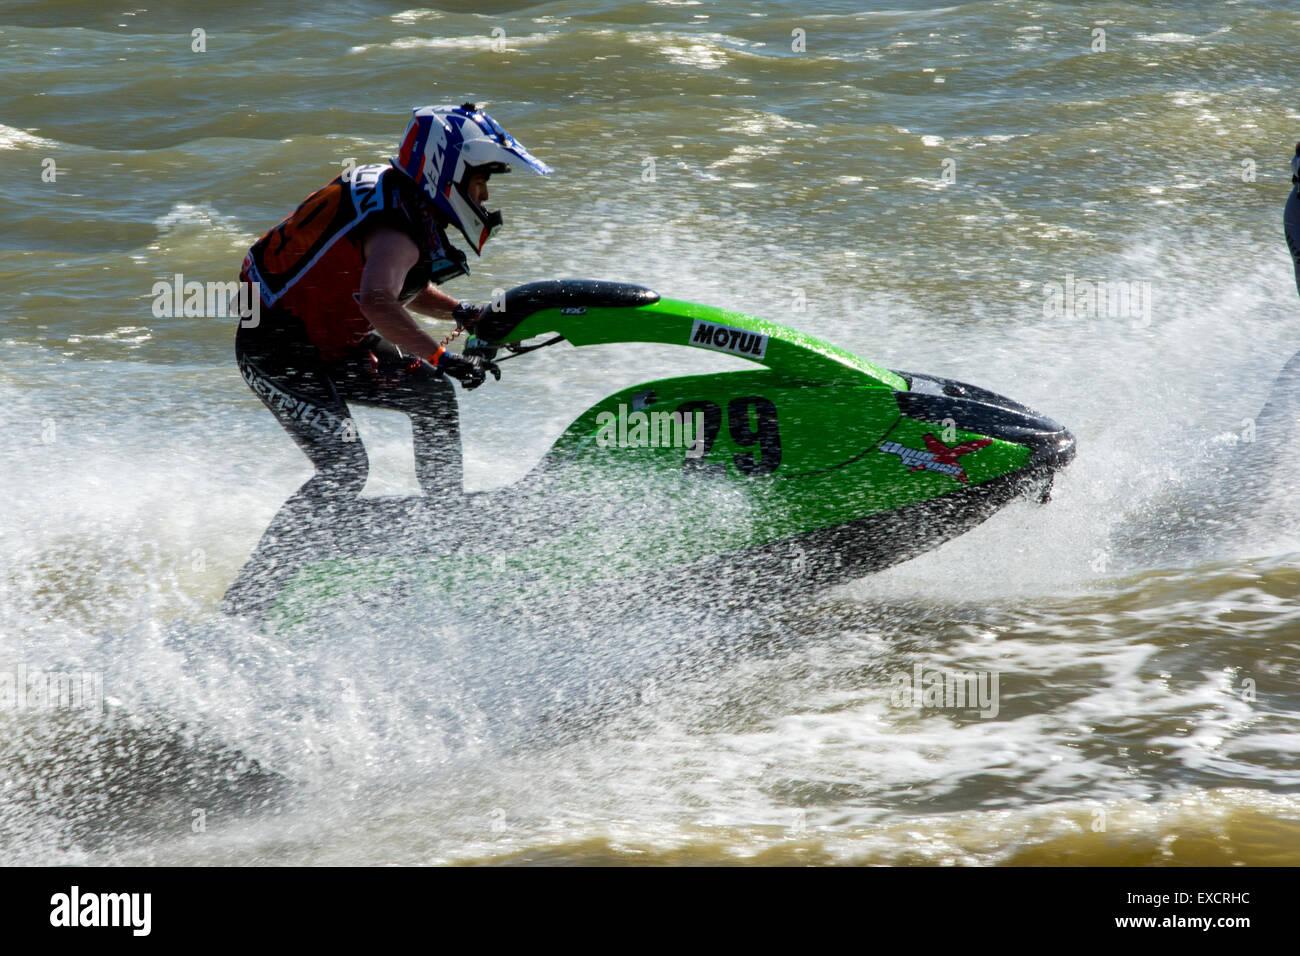 Hampshire, Reino Unido. 11 de julio de 2015. AquaX Jetski jinetes en la Carrera 2 del P1 Aquax el 11/07/2015 a Stokes Imagen De Stock